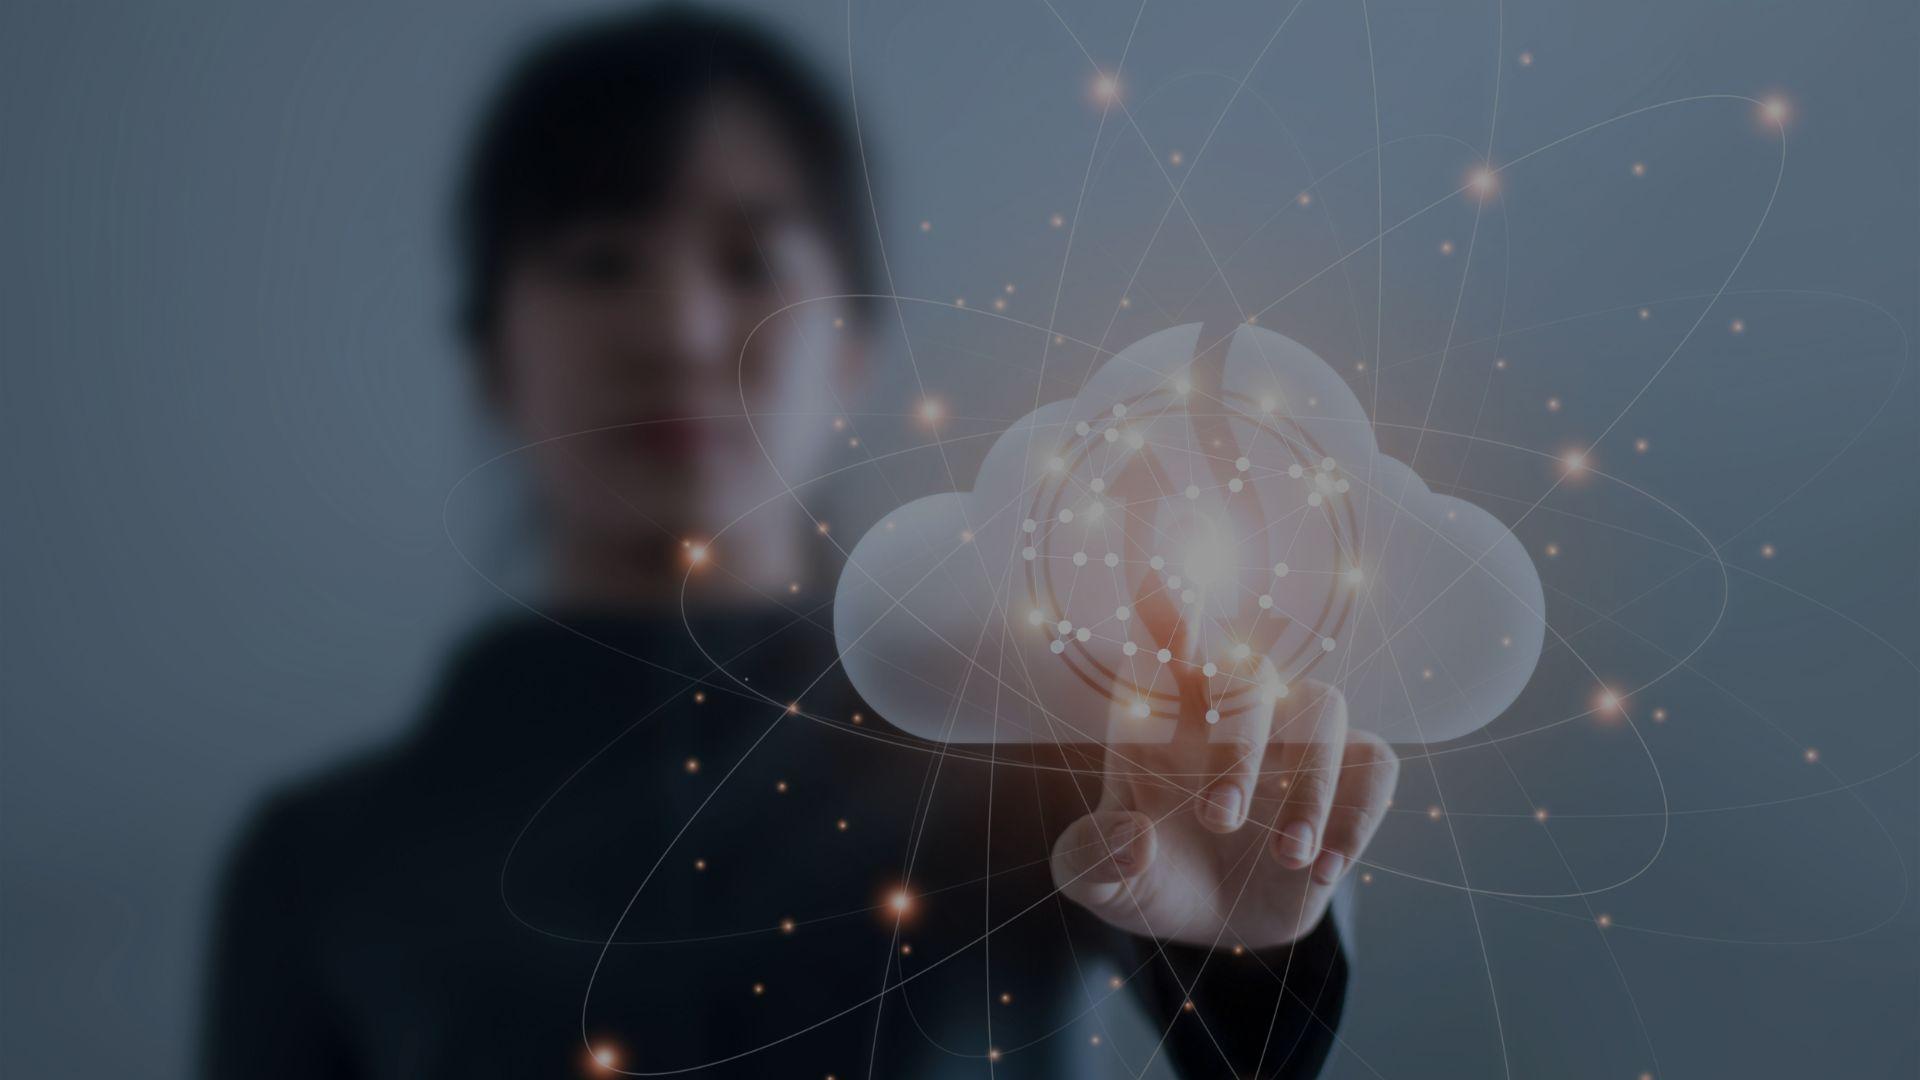 Top 10 Cloud Predictions